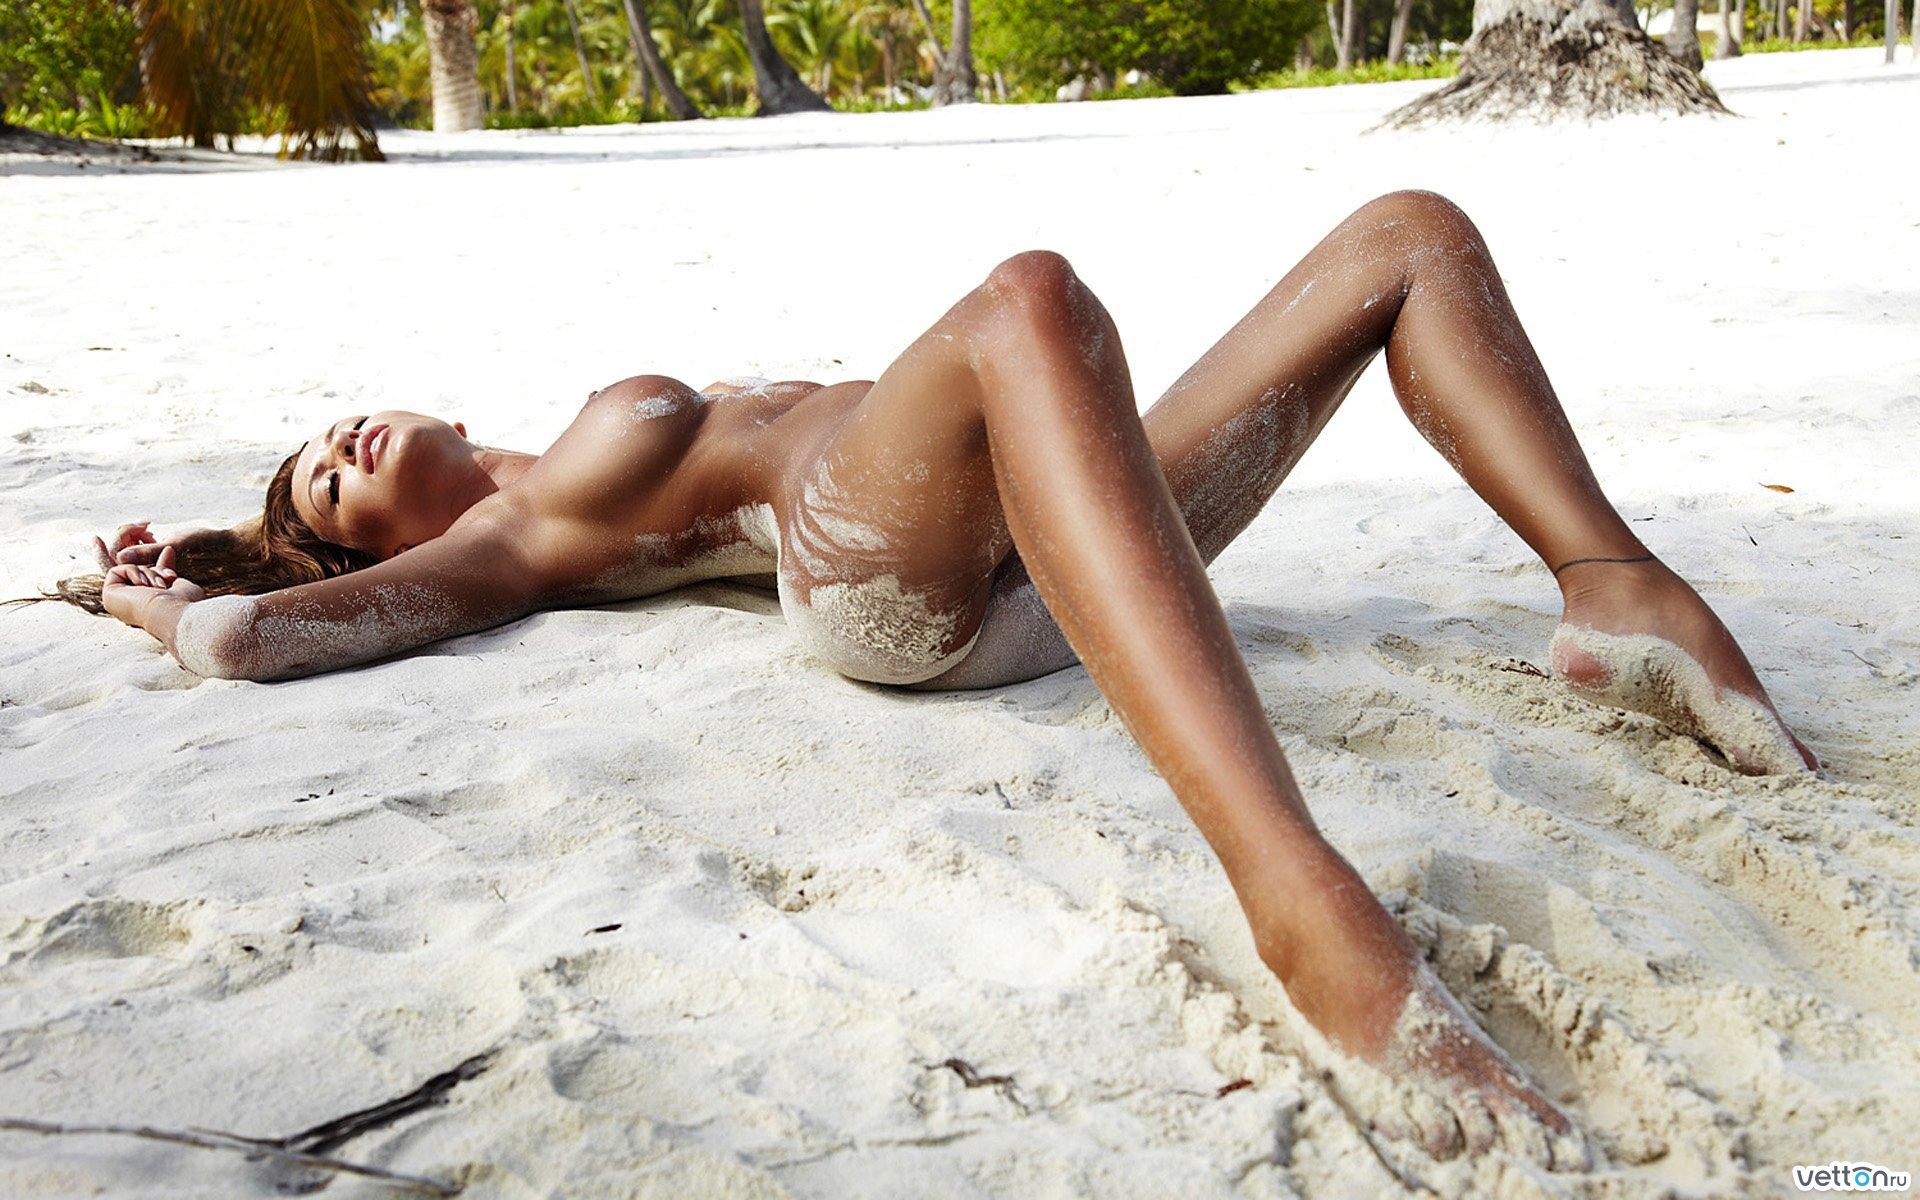 Фото в санкт петербурге загорают голыми девушками 27 фотография